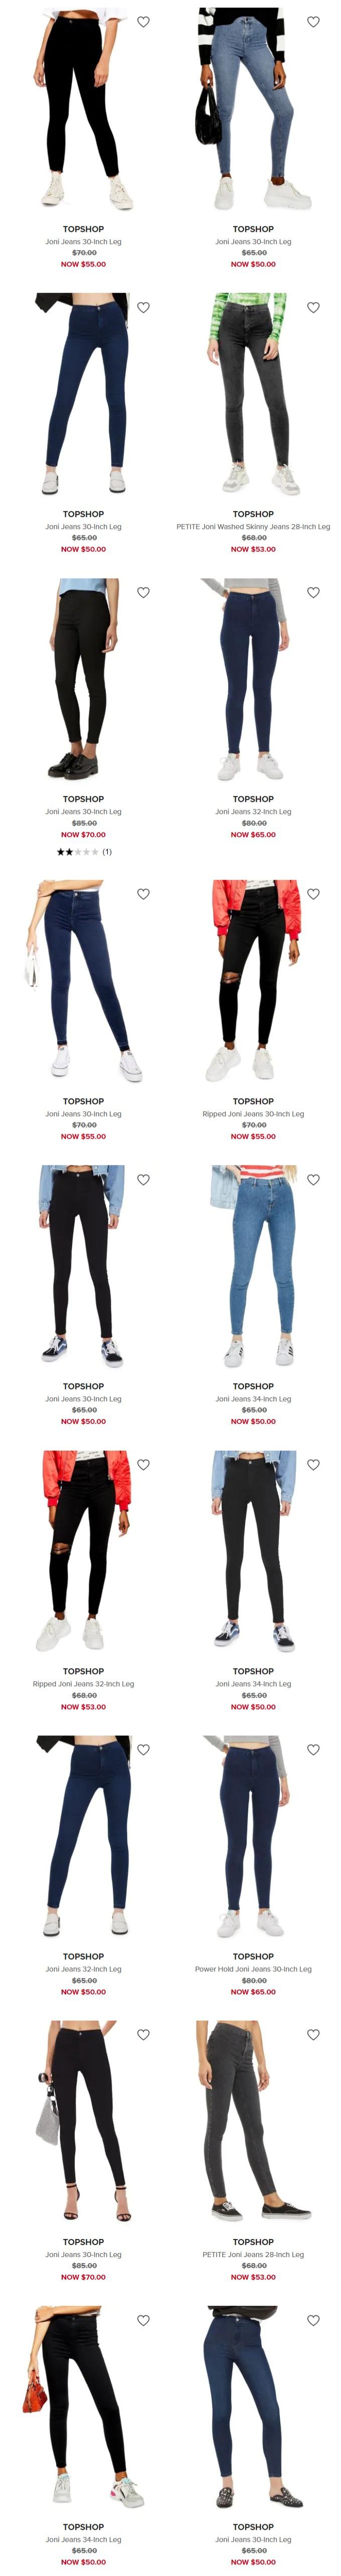 精选TOPSHOP 上身效果超棒 时尚牛仔裤 30加元起特卖!